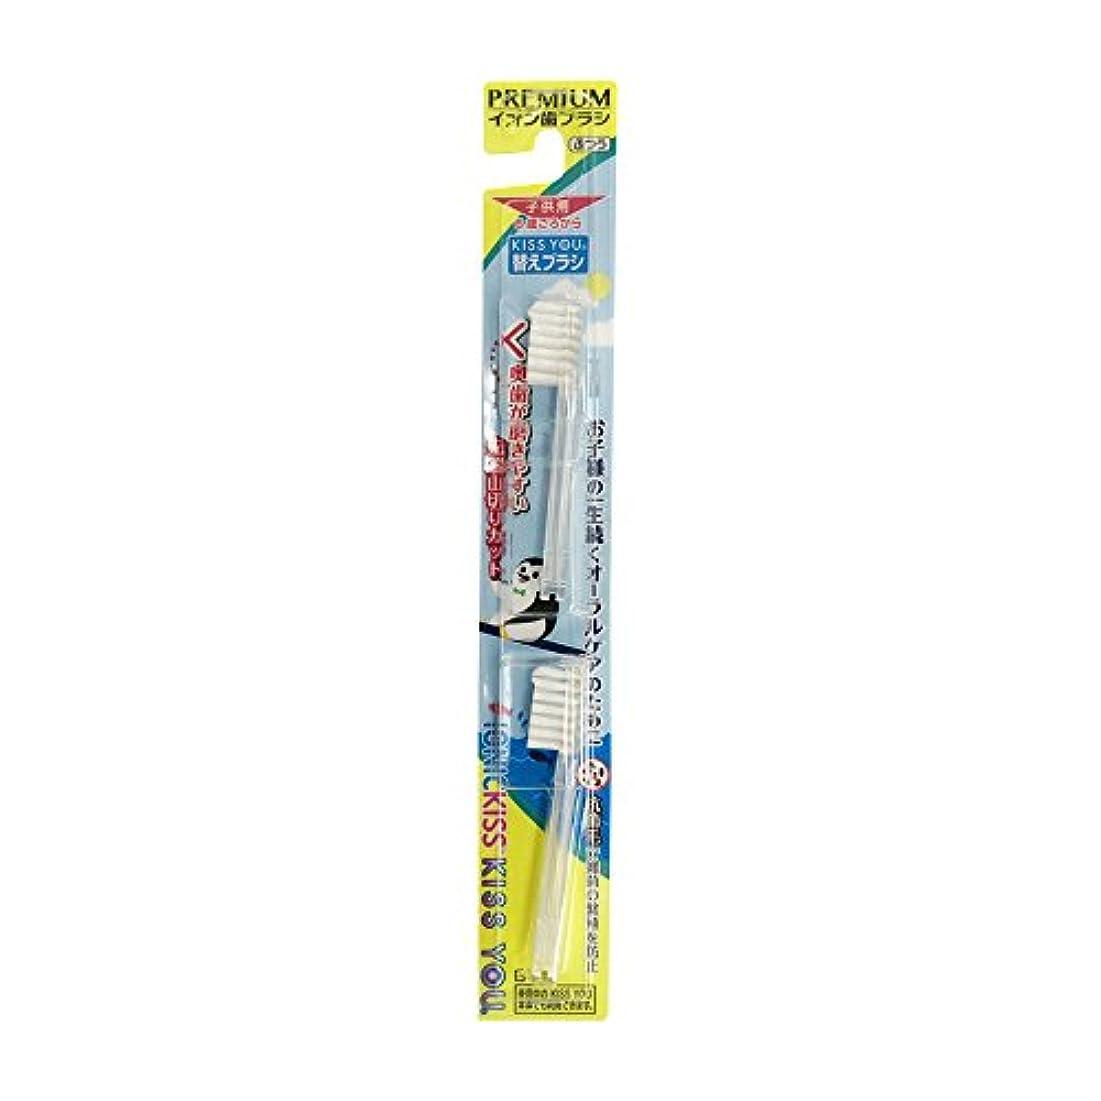 現在避ける雄弁スマート キスユー 子供歯ブラシ 替えブラシ 2P (2本)